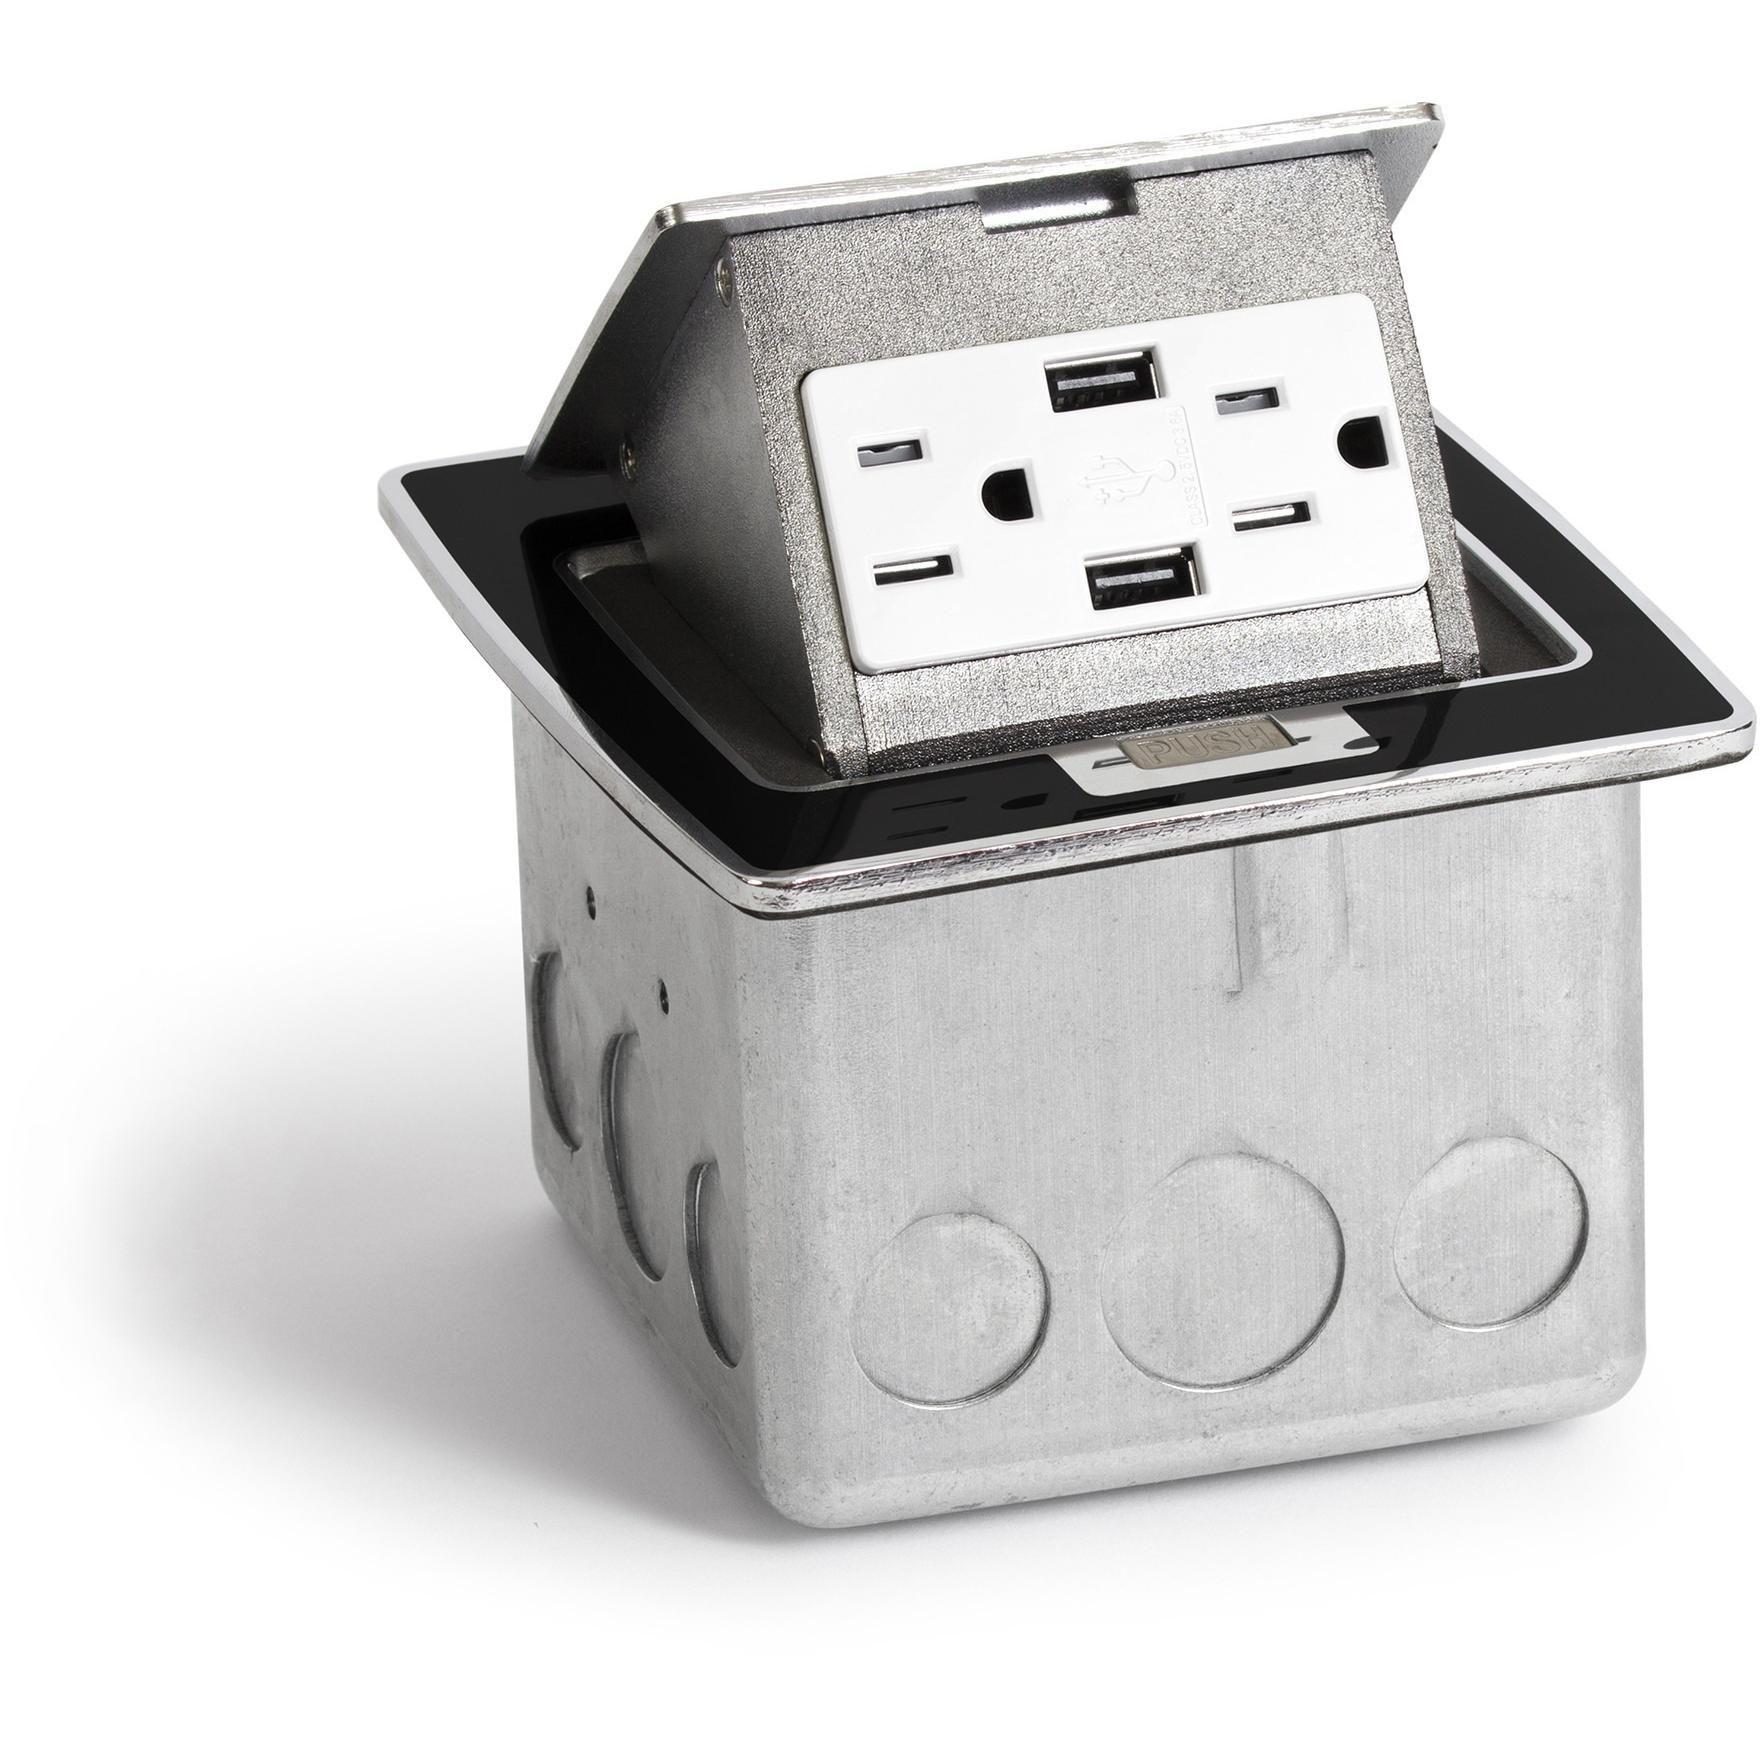 kitchen countertop pop up 20a charging usb power outlet black rh pinterest com au